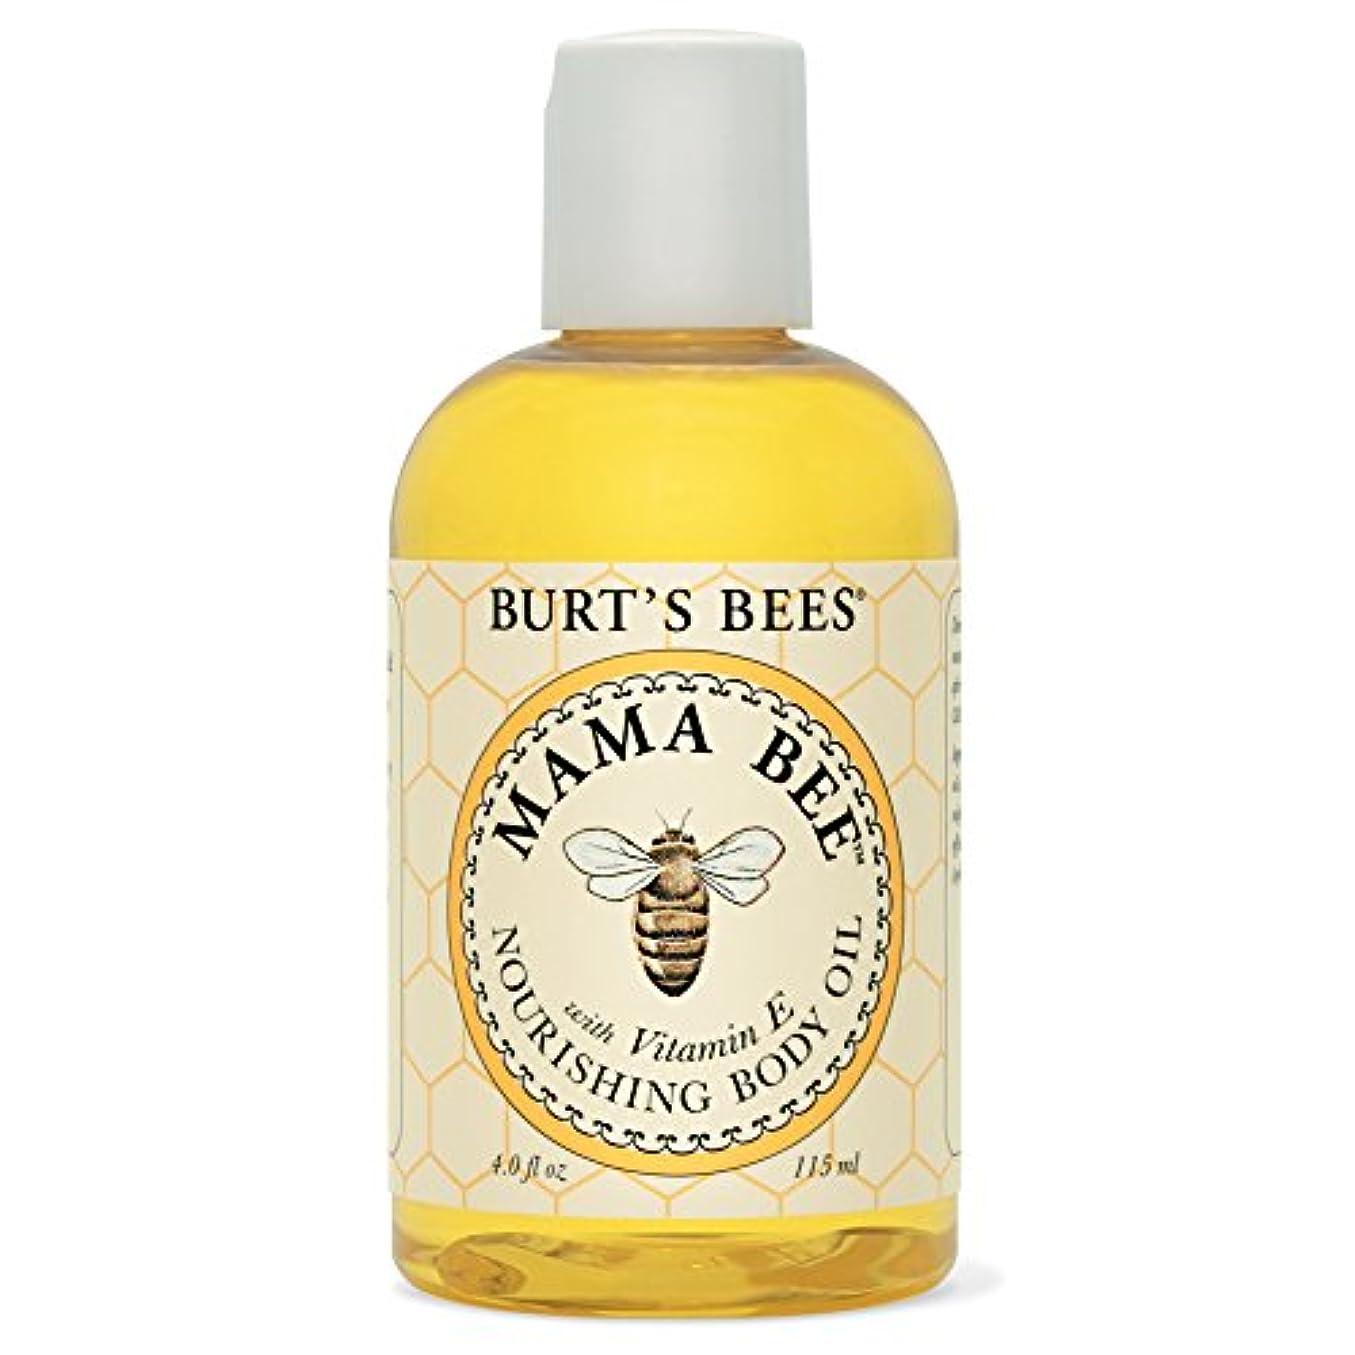 に負ける尽きるオリエンテーションバーツビーママ蜂栄養ボディオイル115ミリリットル (Burt's Bees) (x6) - Burt's Bees Mama Bee Nourishing Body Oil 115ml (Pack of 6) [並行輸入品]